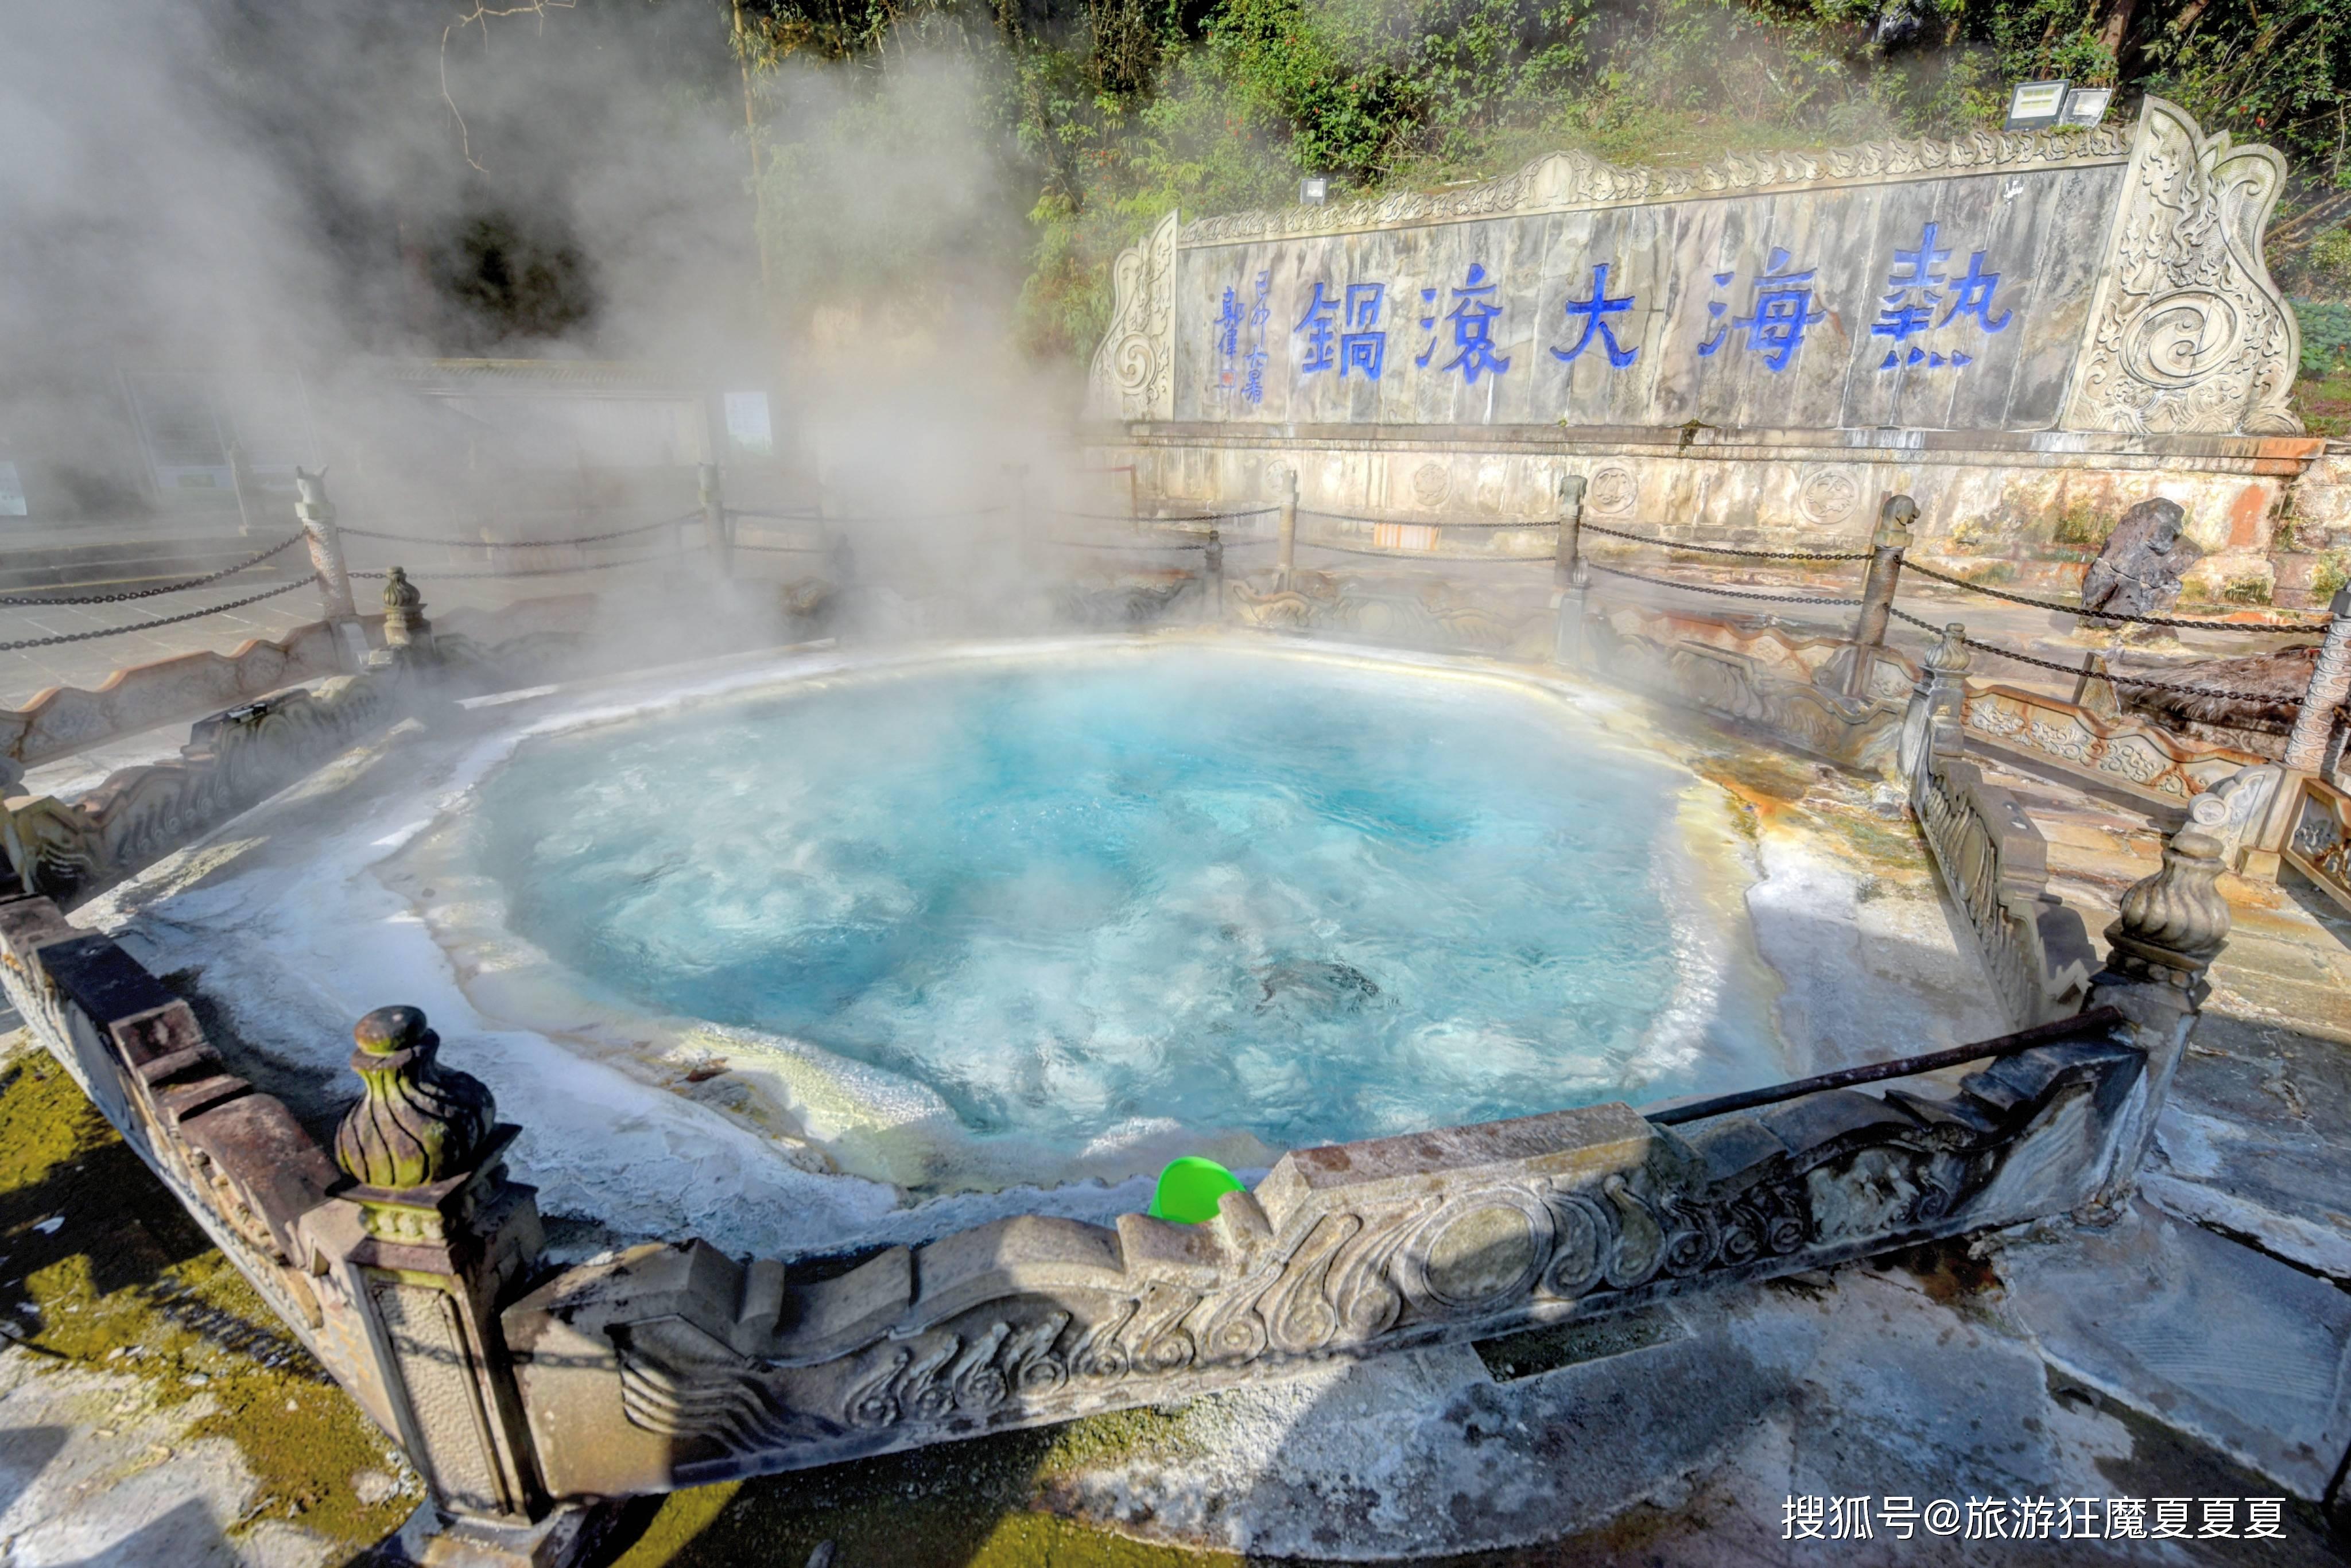 """原创             云南最神奇的温泉,终年冒着97℃的沸水,被人戏称为""""大滚锅"""""""